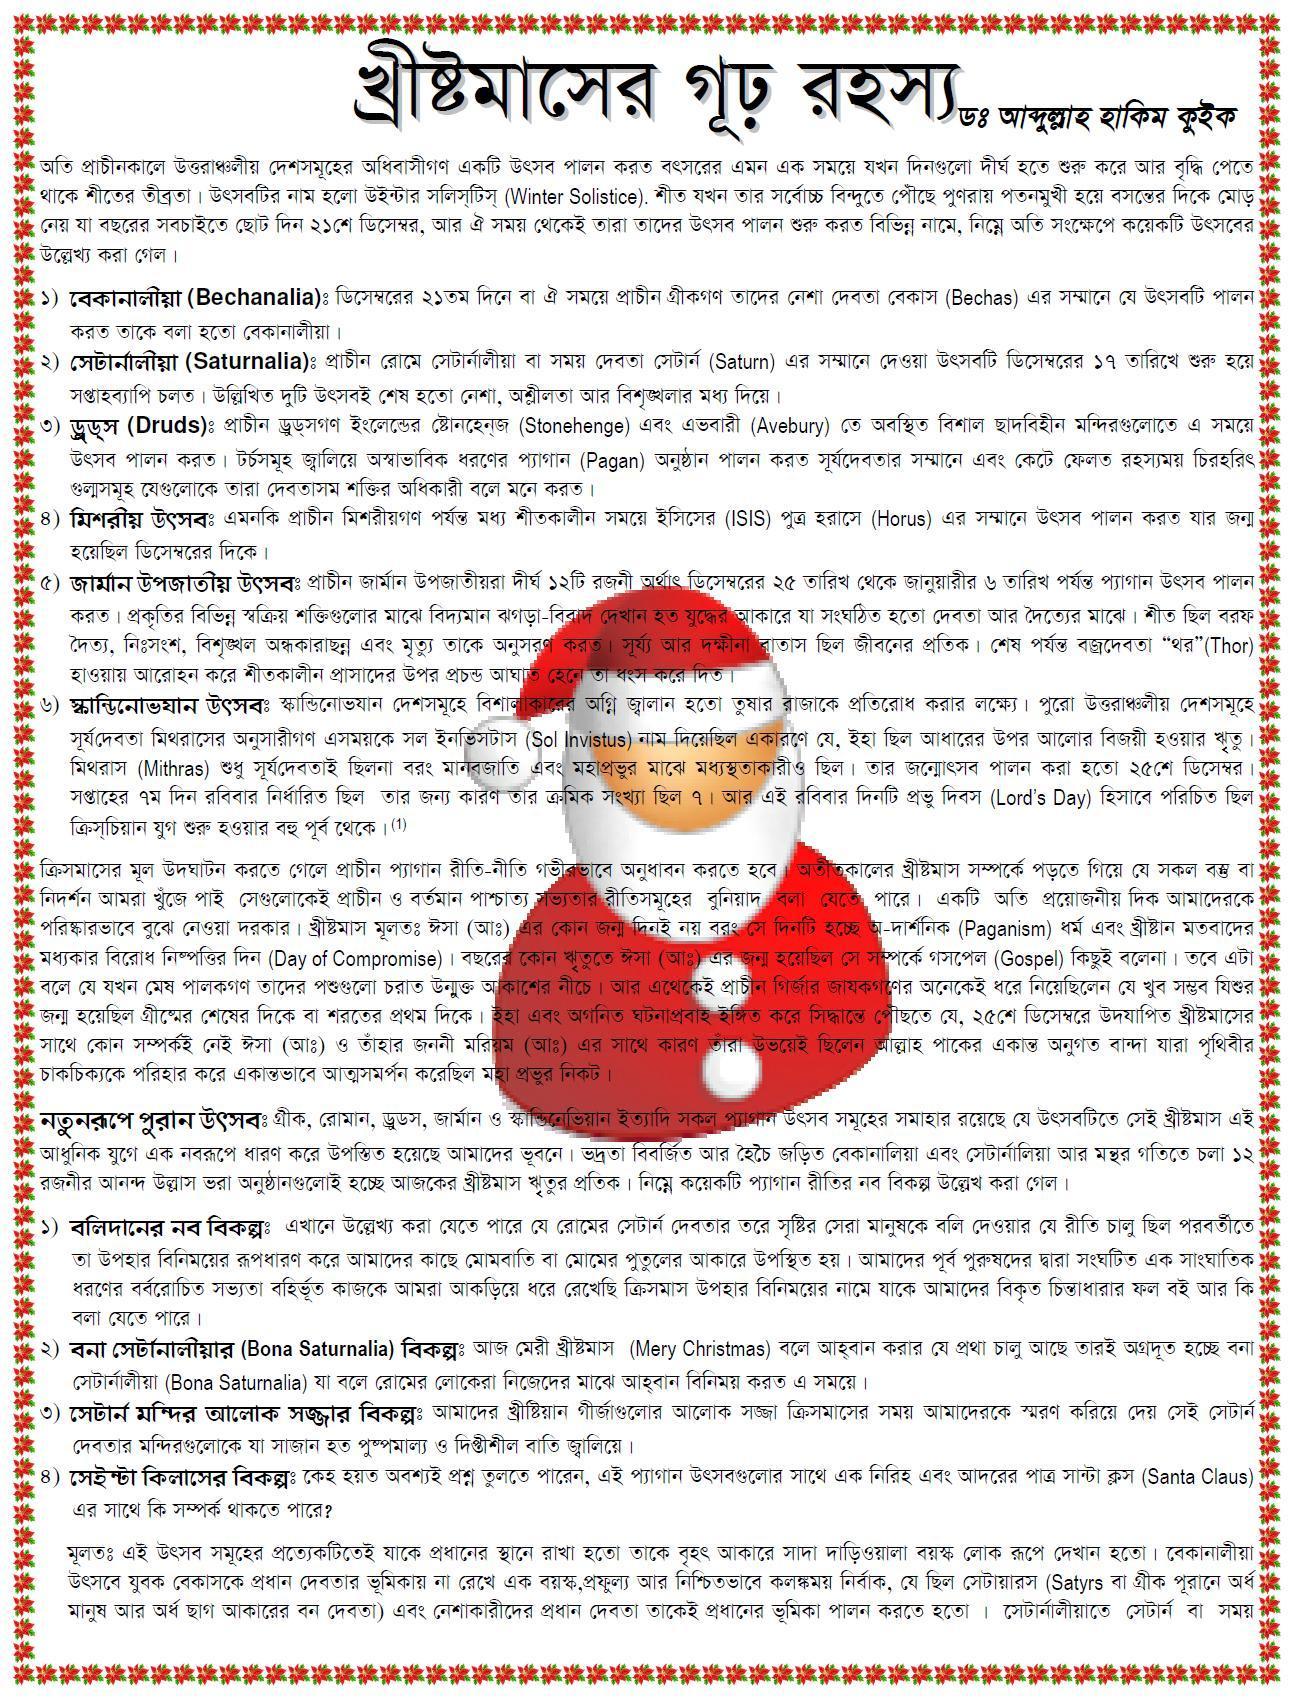 History of Christmas - I